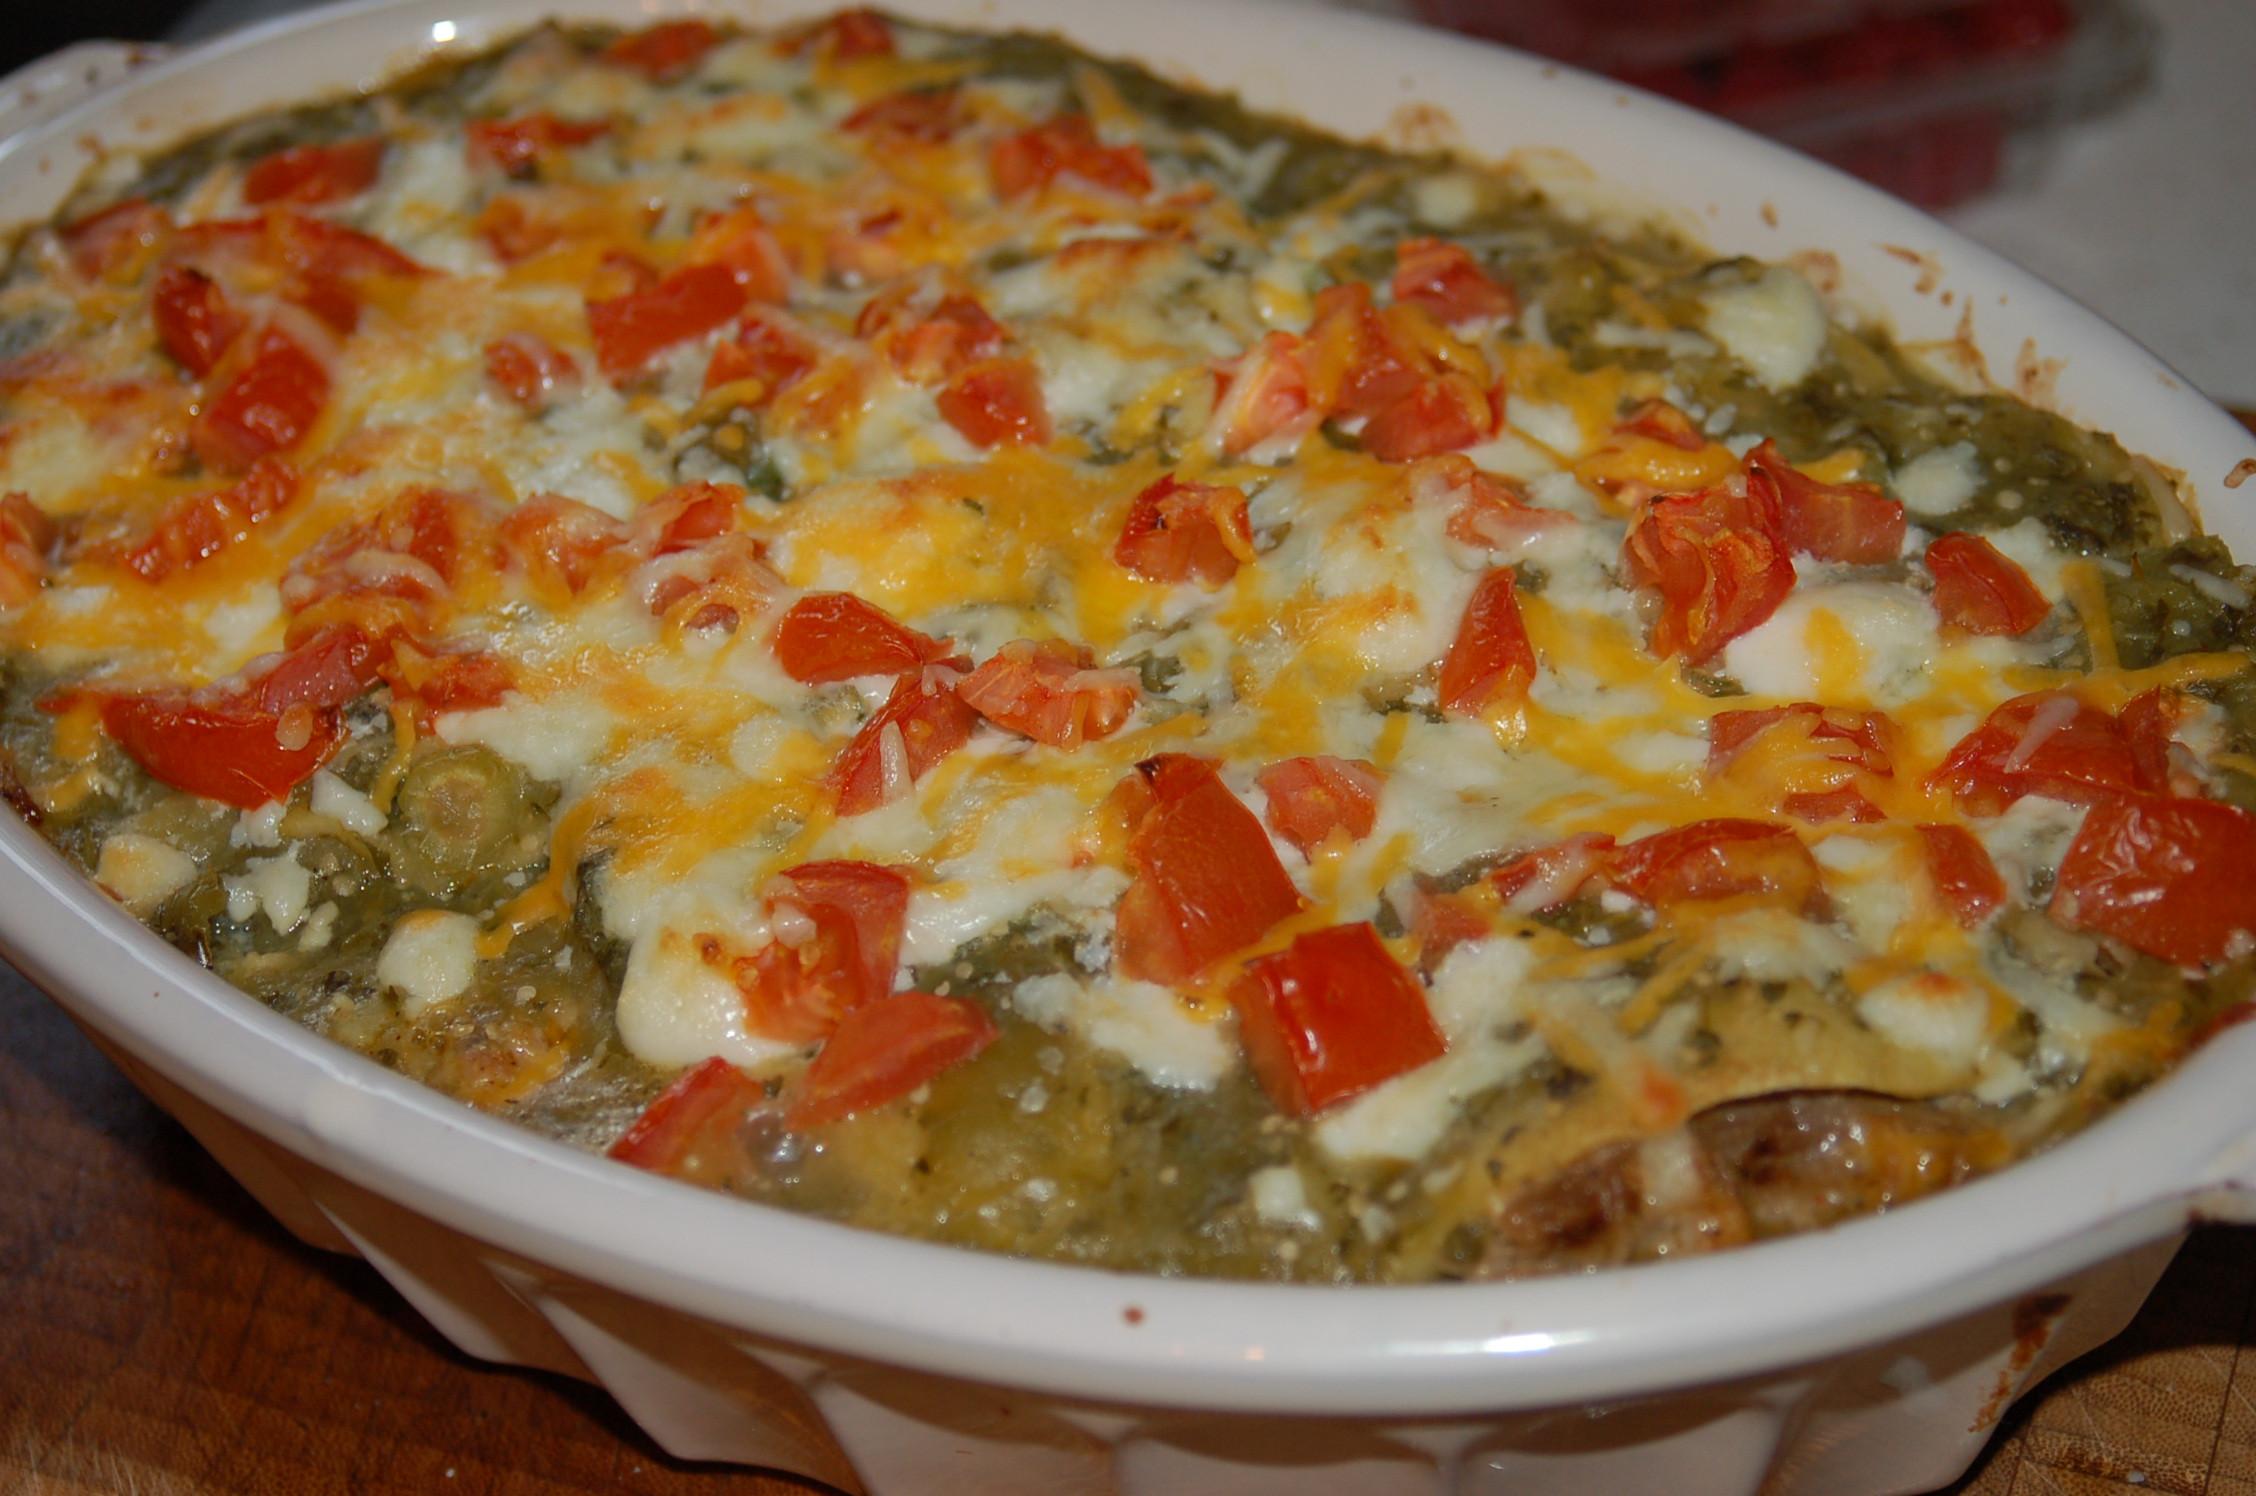 Leftover Pulled Pork Casserole  Shredded Pork Enchilada Casserole